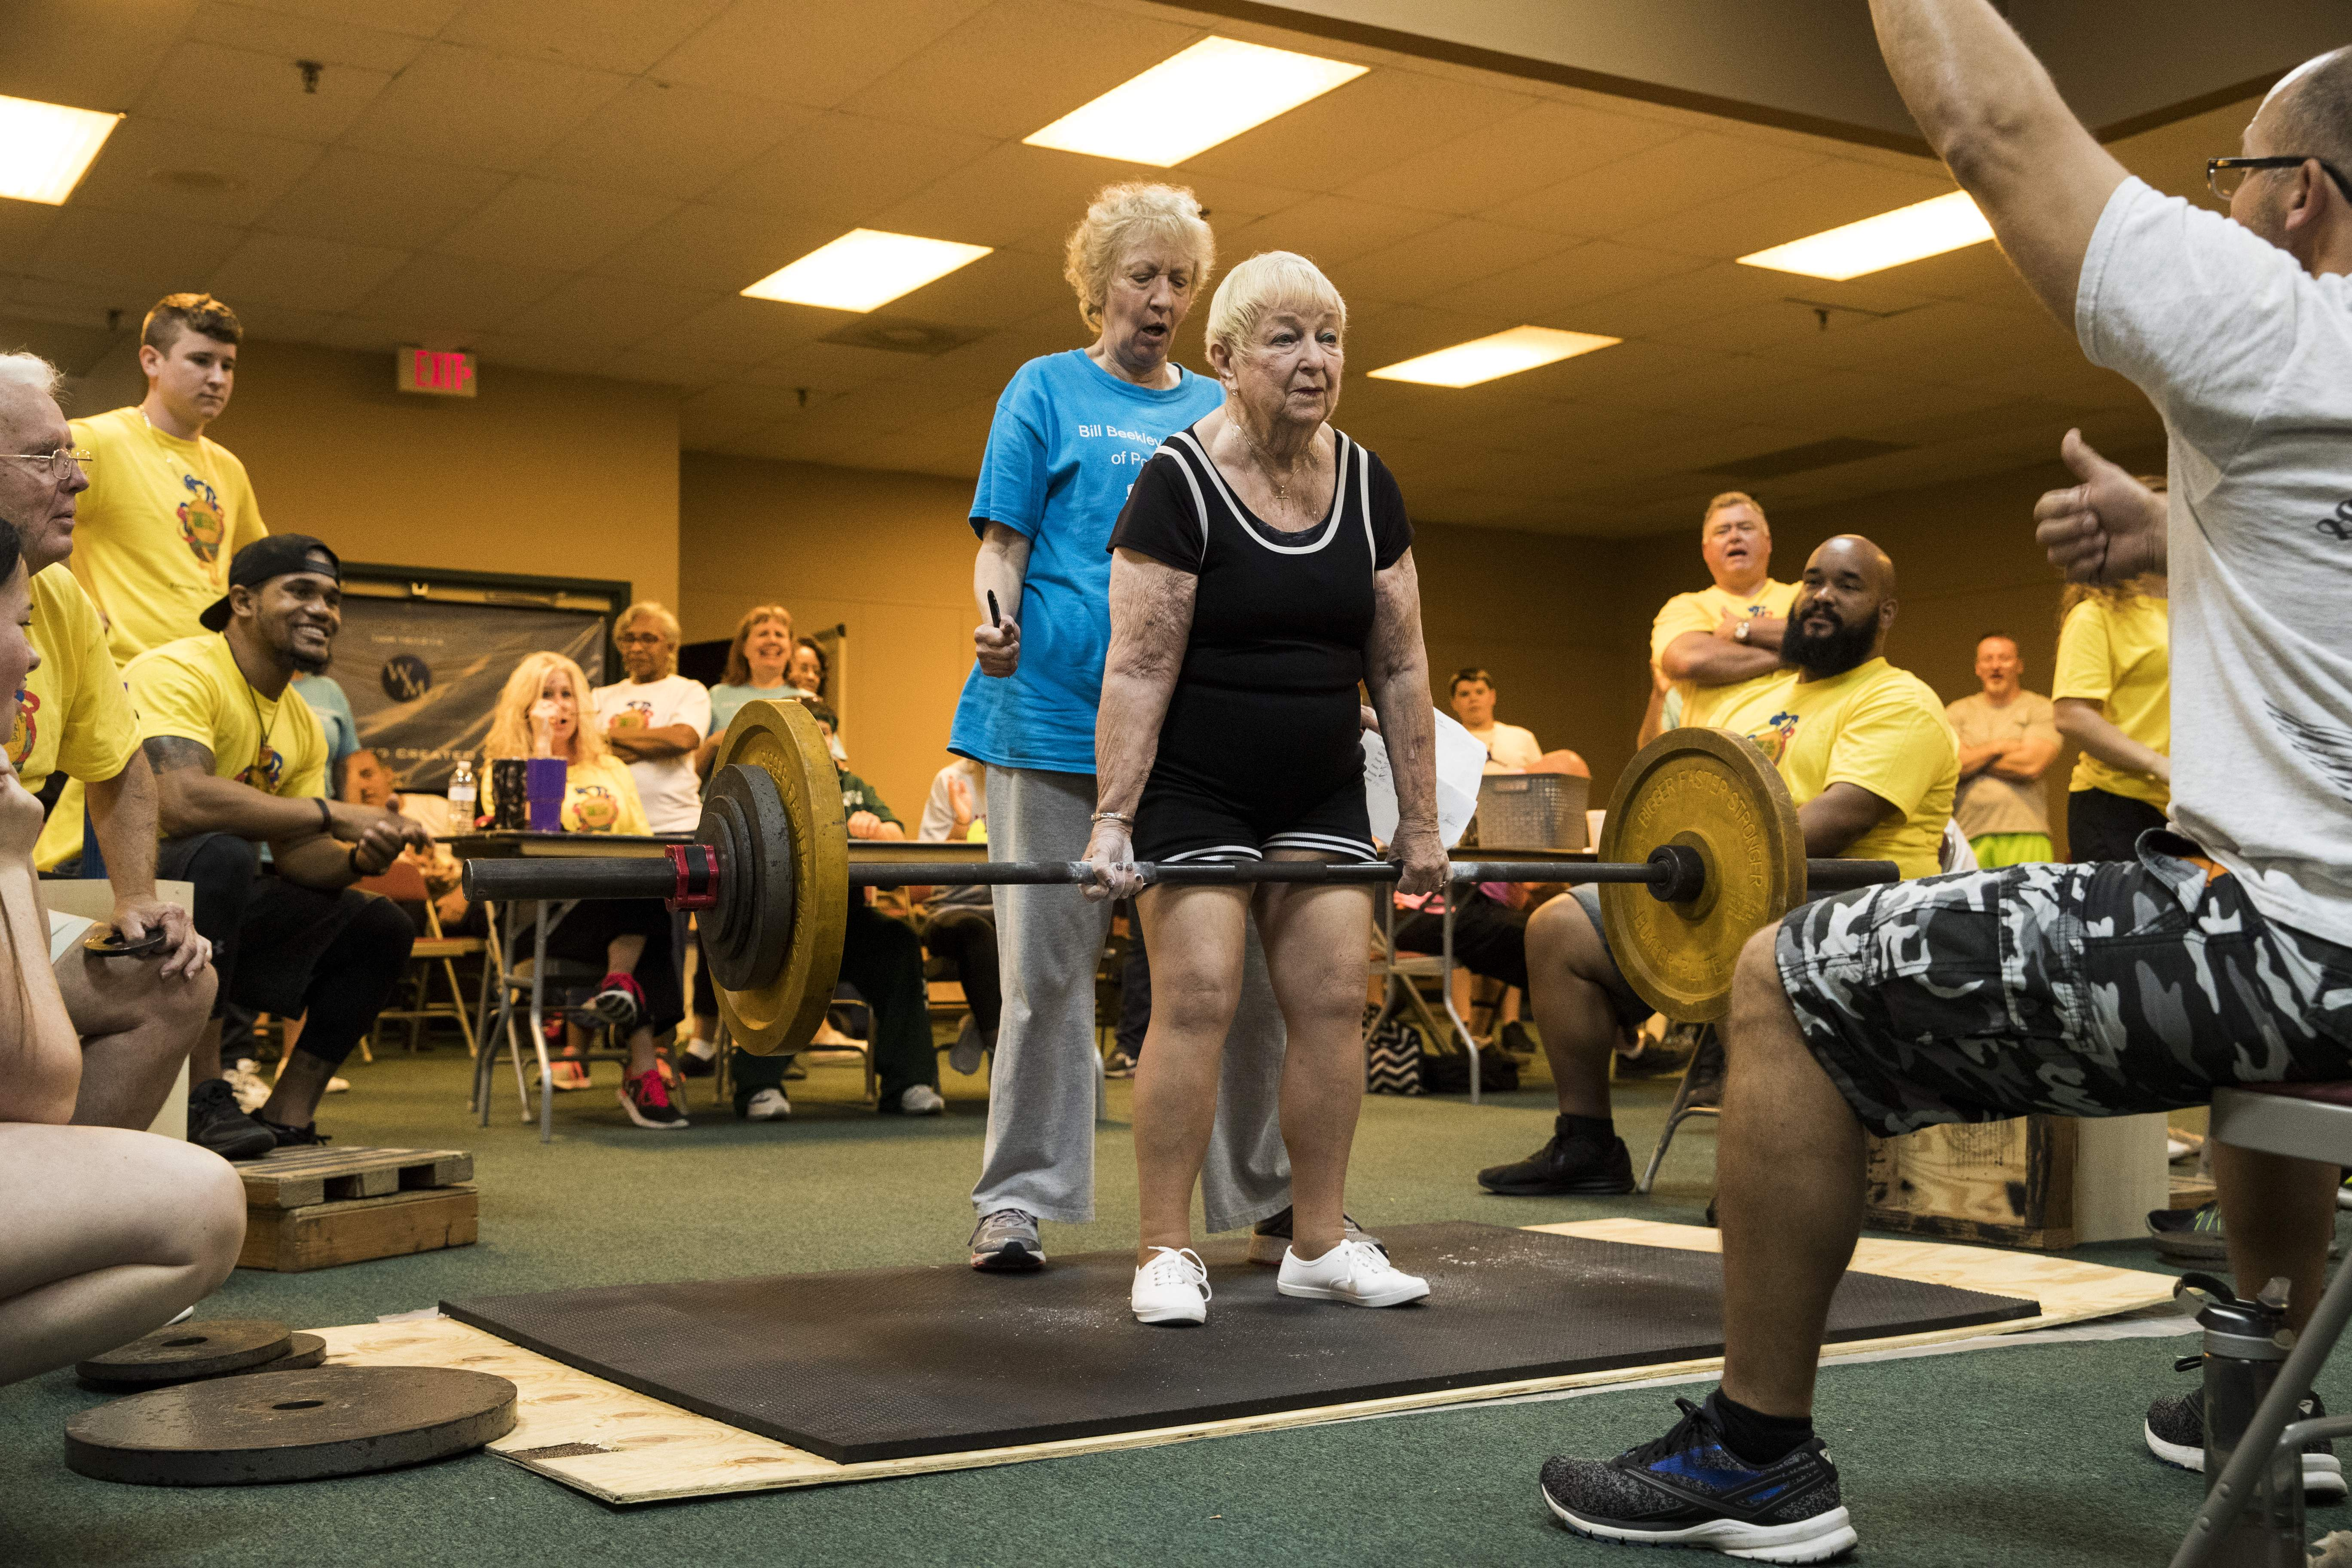 Look at grandma's guns: At 97, she flexes her muscle at